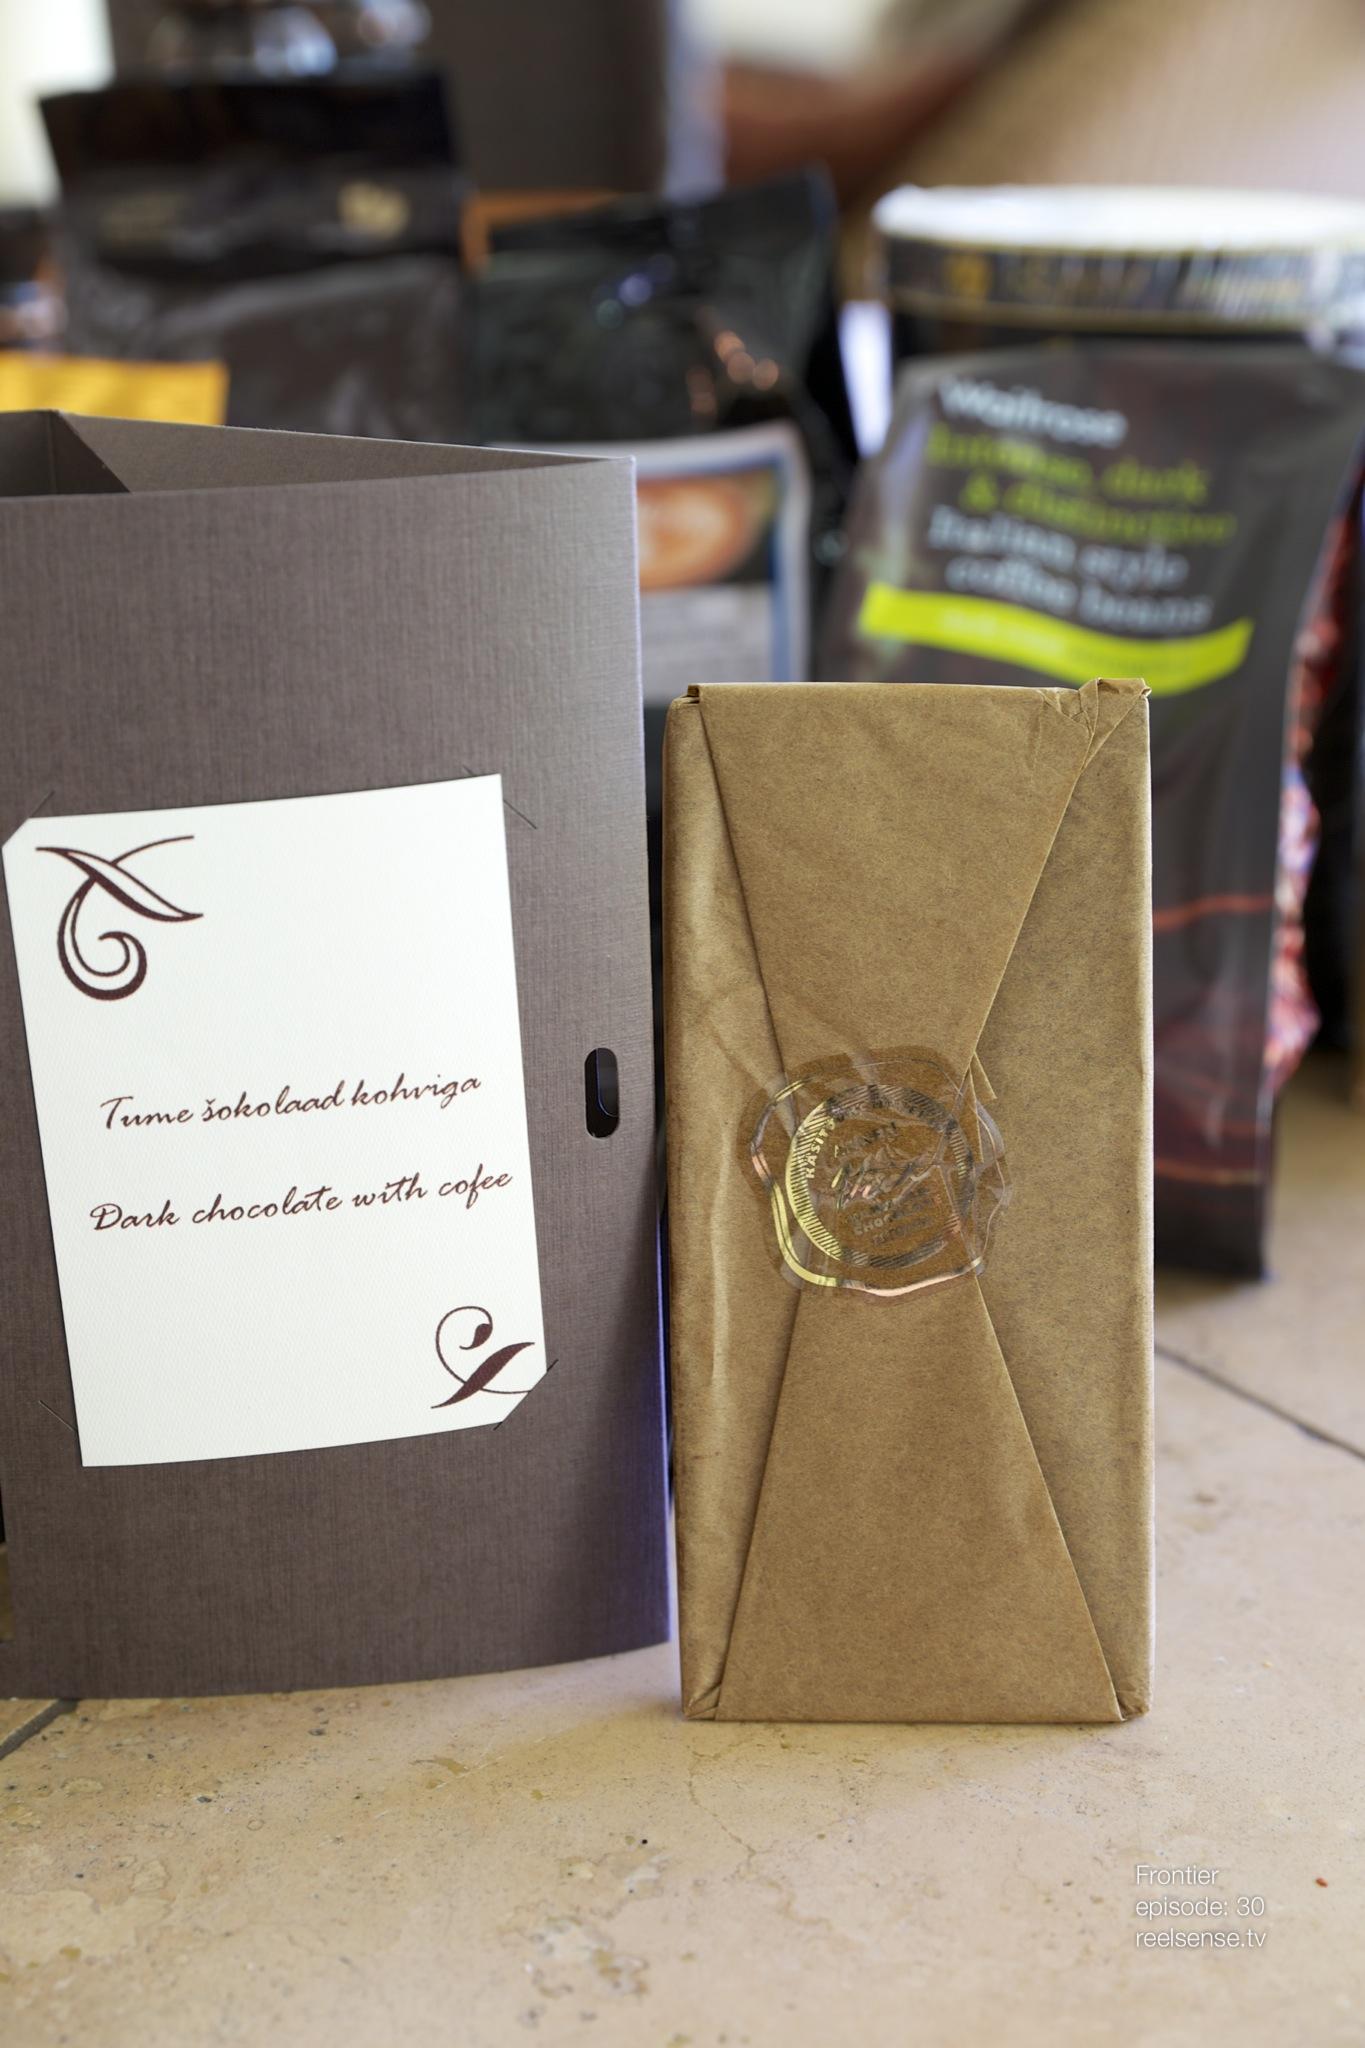 Tume Šokolaad kohviga - Estonia